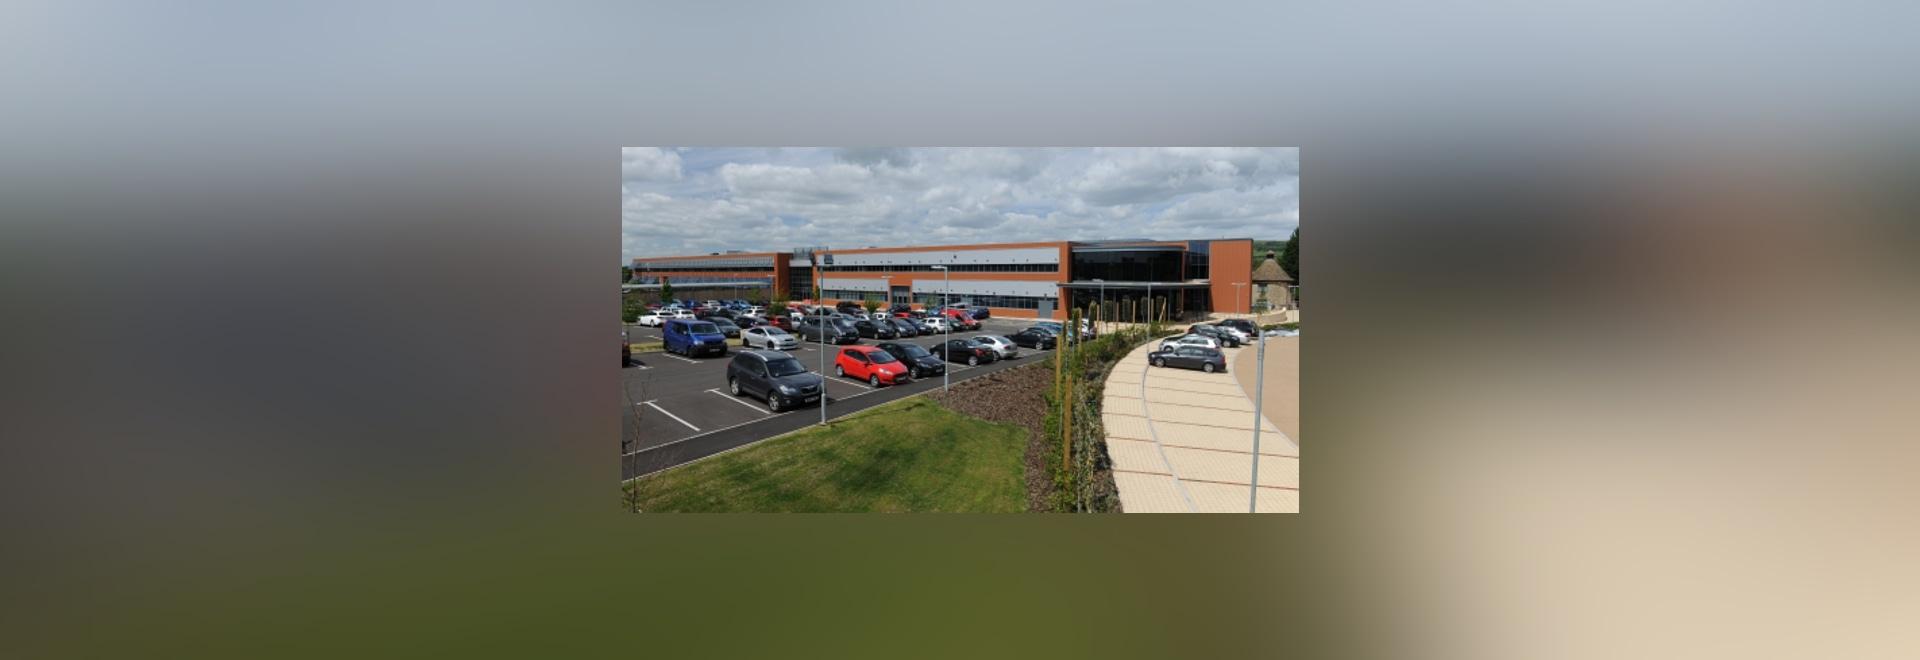 Renishaw ? le nouveau centre d'innovation de s loge la recherche et développement et le personnel de corporation de services, aussi bien que des secteurs de démonstration, de formation et de confér...